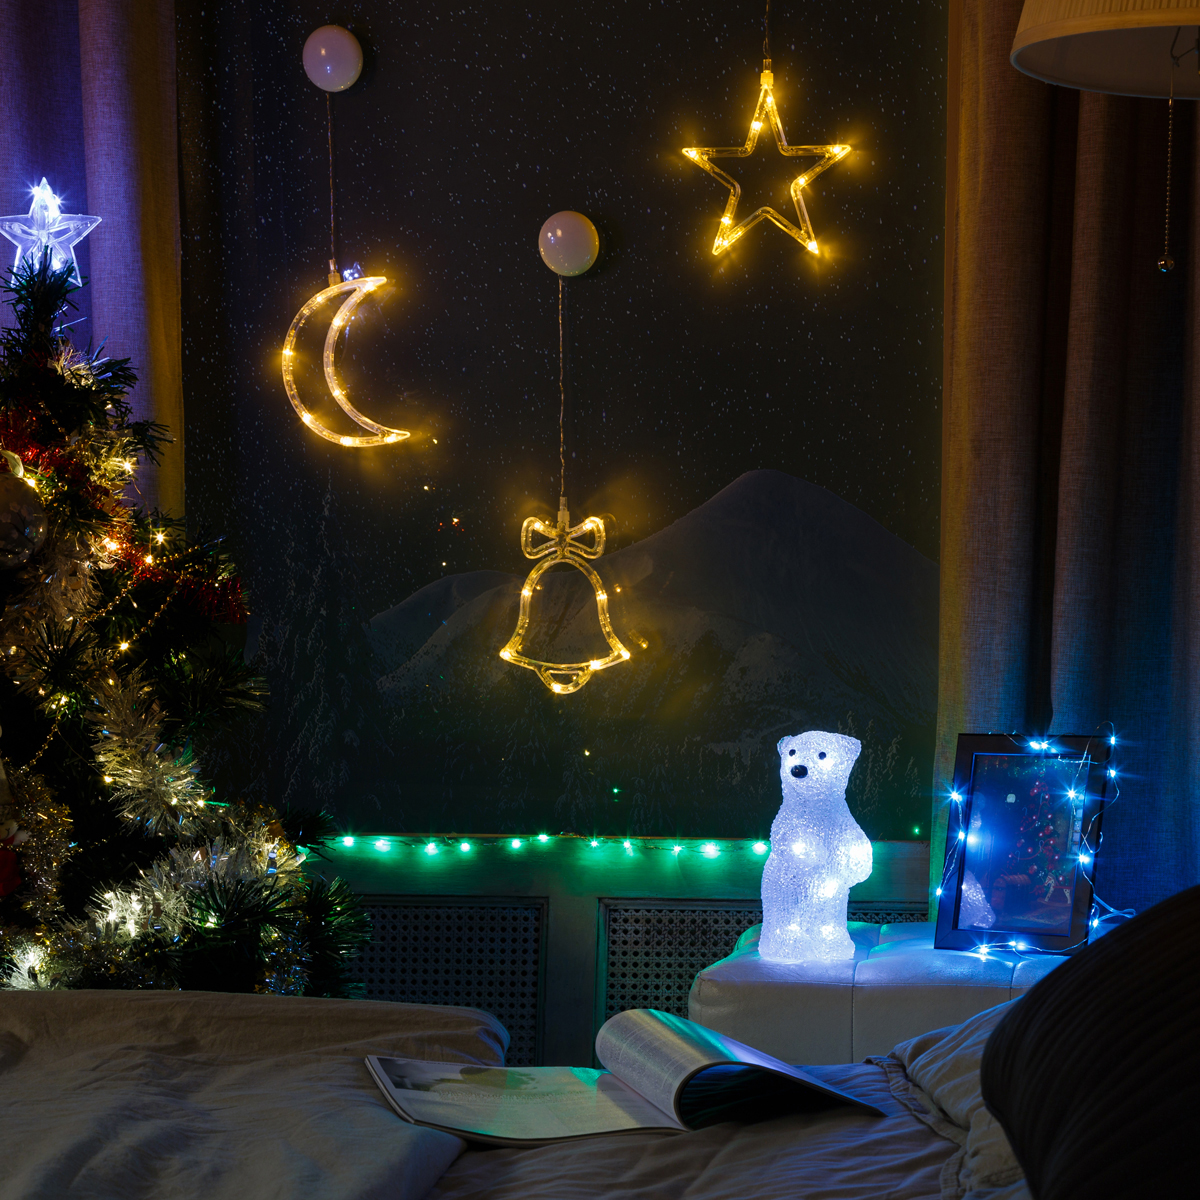 Комплект Neon-Night Спальня, для новогоднего украшения дома, цвет гирлянд: розовый. 500-037500-037Не секрет, что самое хлопотное время в году - предновогоднее. Люди тратят массу времени и сил на поиск подарков для своих родных, близких, коллег и друзей. Подчас просто не остается времени на украшение дома и создание того самого желанного предновогоднего настроения. Спальня - место, где отдыхают после трудовых будней и насыщенных выходных. Место, где хочется спокойствия и гармонии. Для большего комфорта использованы гирлянды и фигурки с постоянным цветом свечения. Состав комплекта:- Универсальная интерьерная гирлянда Роса длиной 2м. Ее часто используют декораторы для украшения цветочных композиций и не только, так как сама гирлянда не боится воды (кроме батарейного блока, который можно спрятать за вазой).- Три большие светящиеся фигуры на присосках.- Светящийся Медвежонок размером 18 см. Набор уже укомплектован всеми необходимыми батарейками. Подарите новогоднее настроение себе и близким, украсив спальню всего за 15 минут!